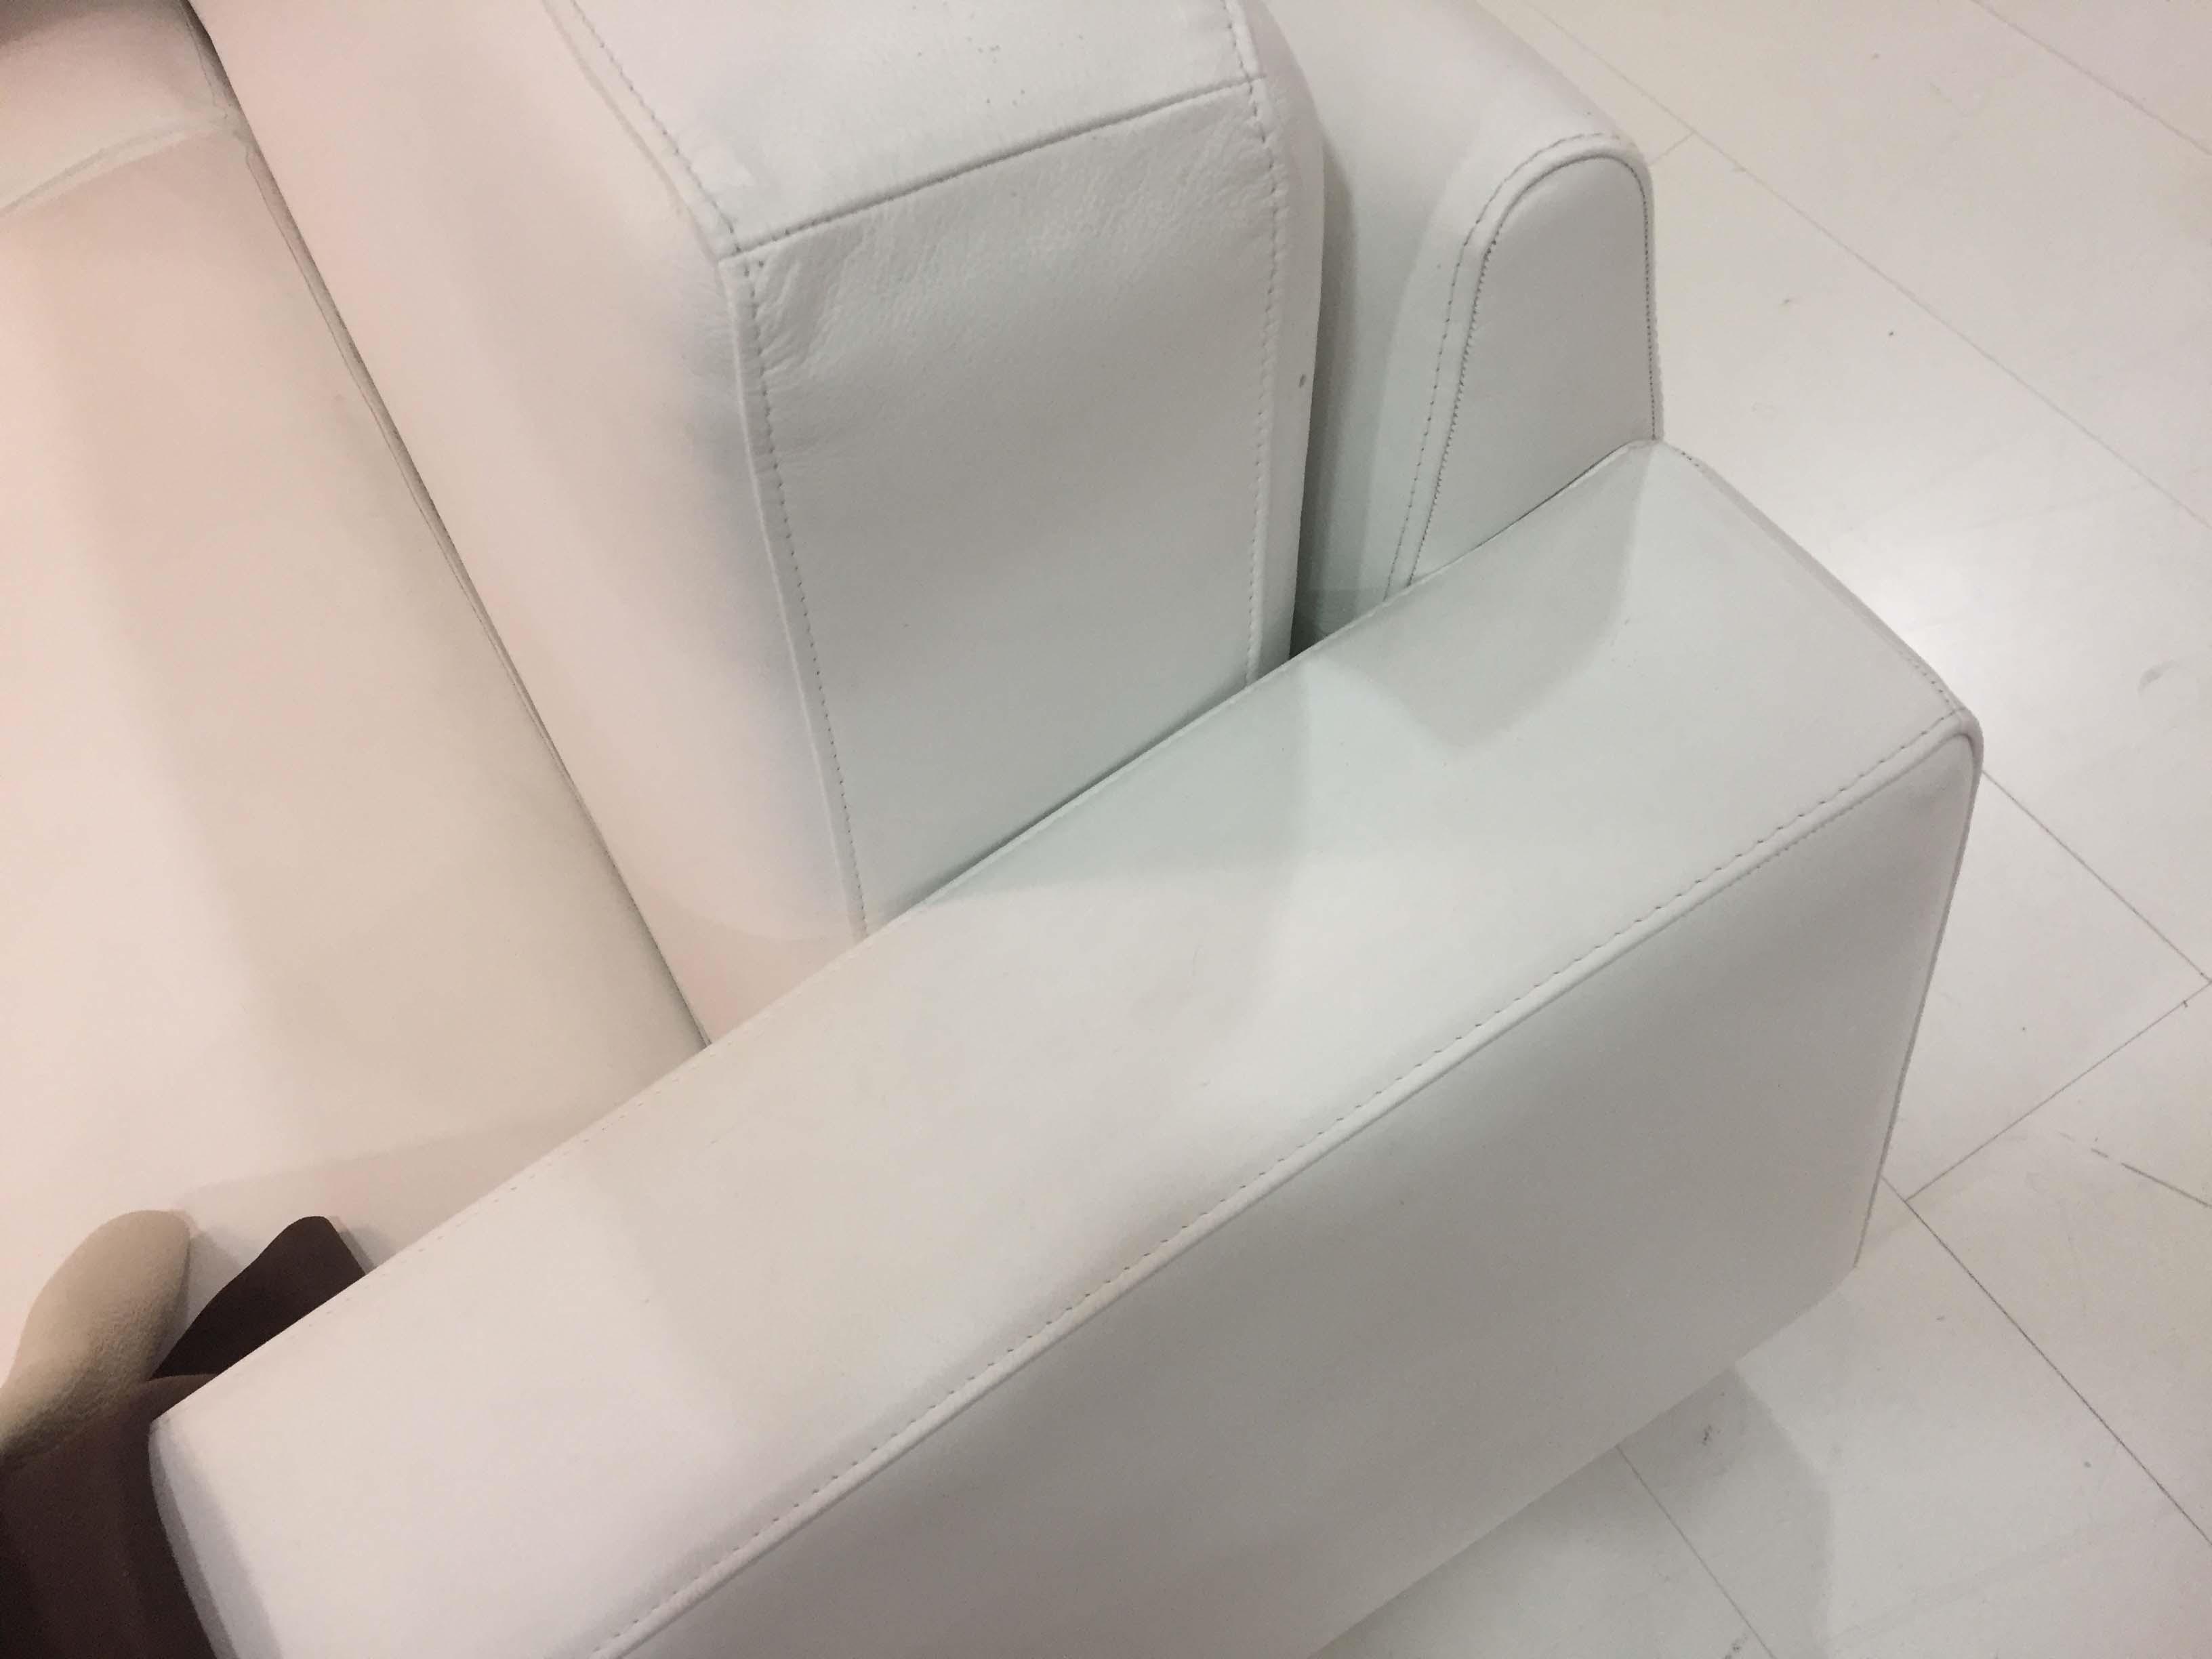 Divani poltrona xaria scontato del 50 in pelle bianca for Divani pelle bianca